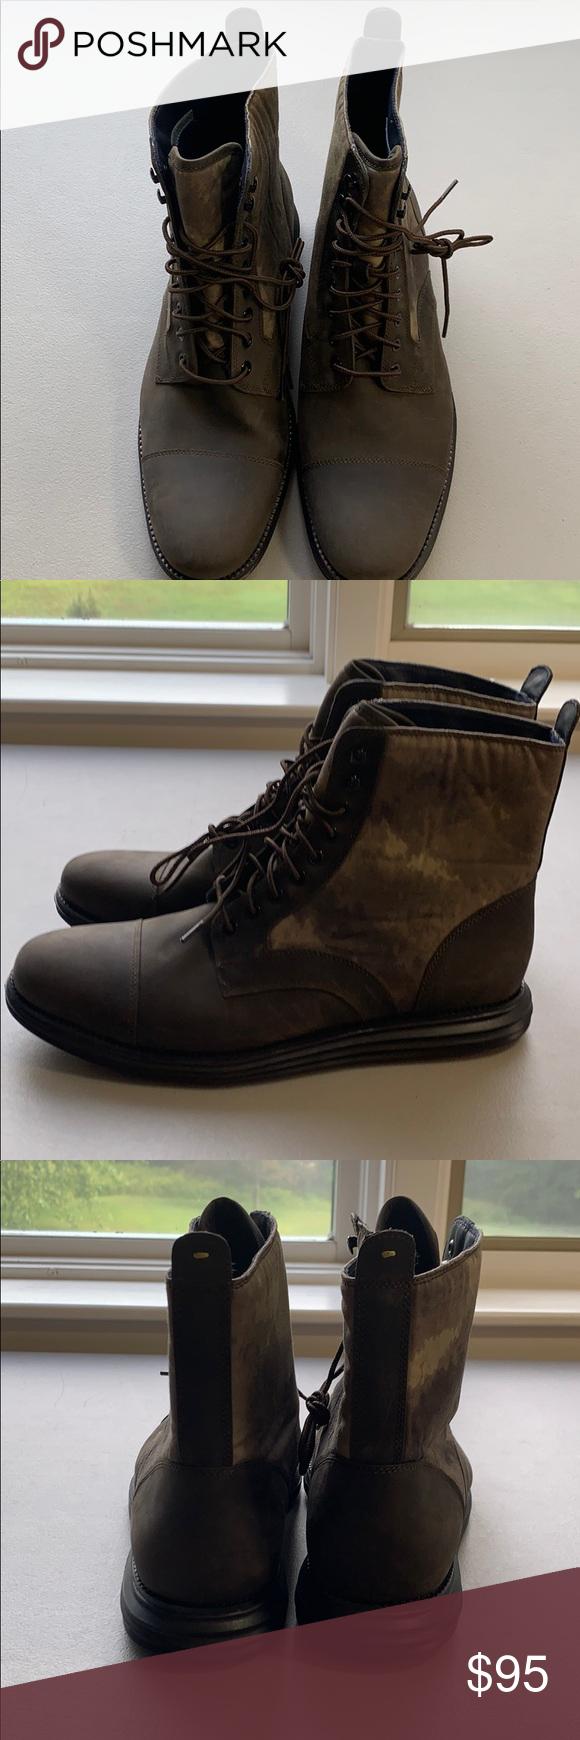 Cole Haan Boots Nwot Cole Haan Boots Boots Cole Haan Shoes